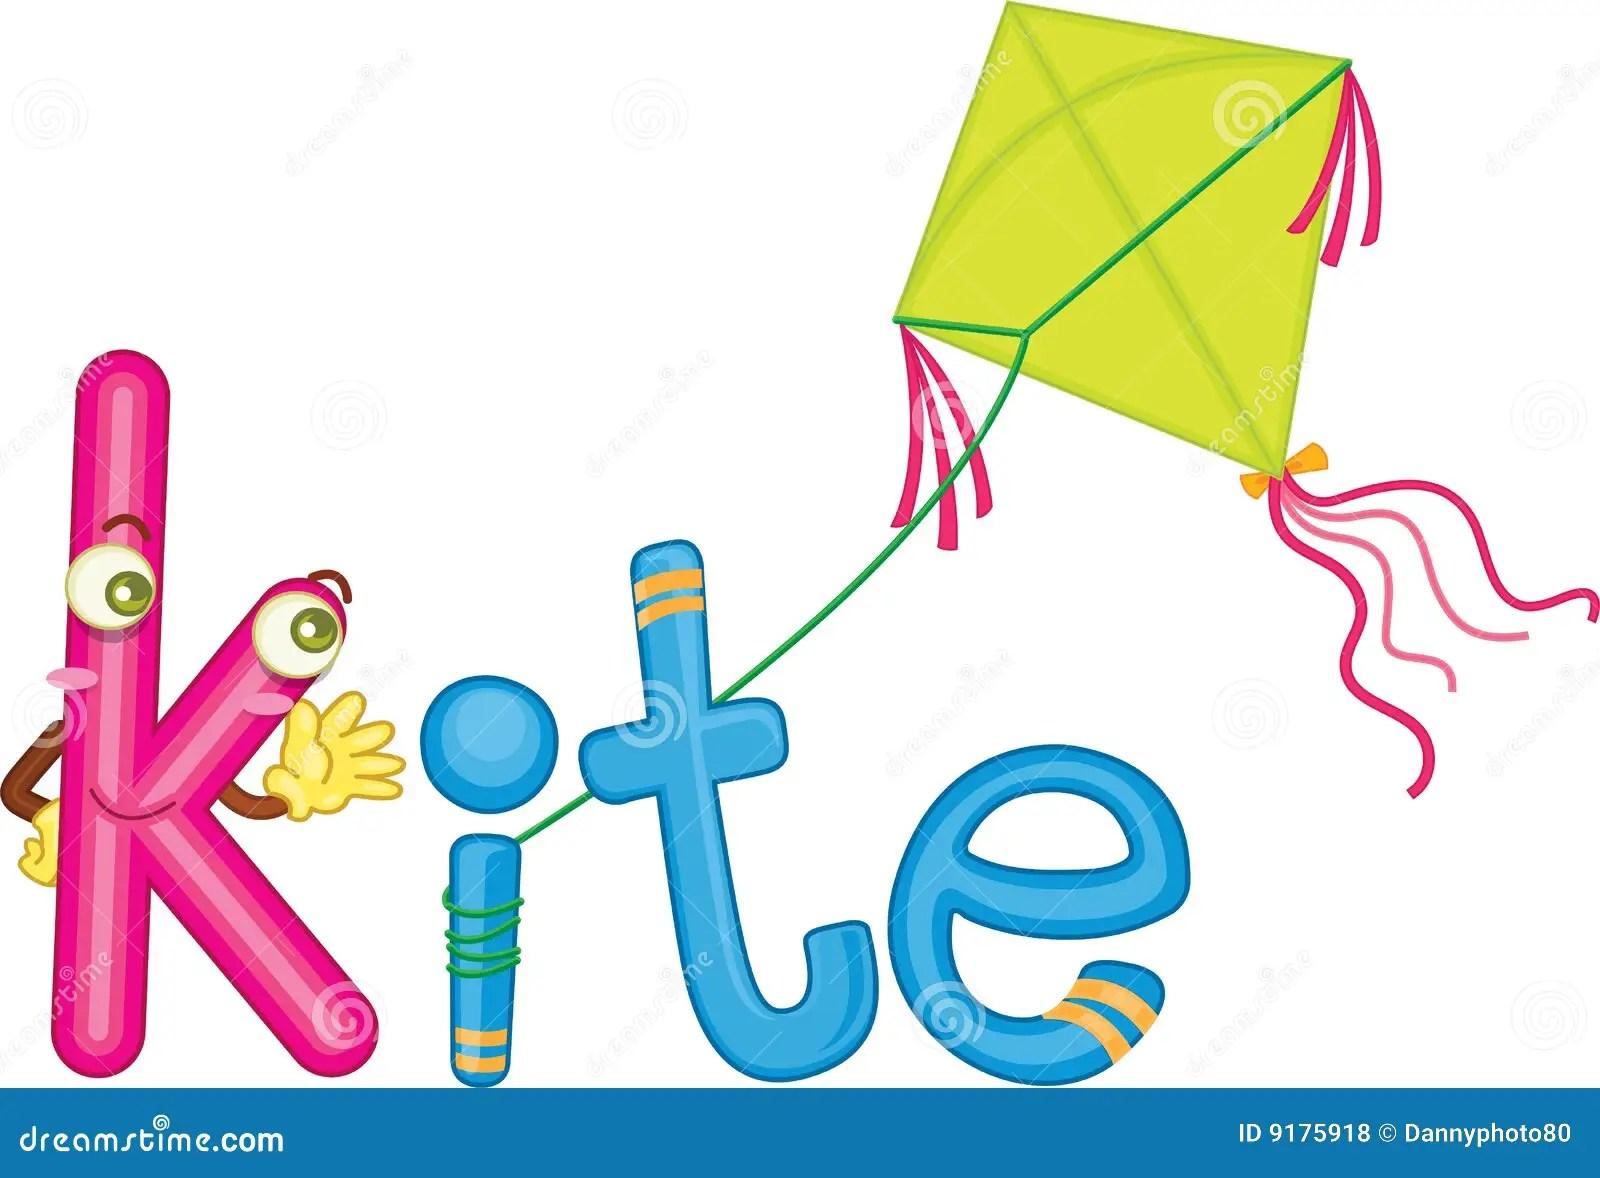 K For Kite Stock Illustration Illustration Of Phonics